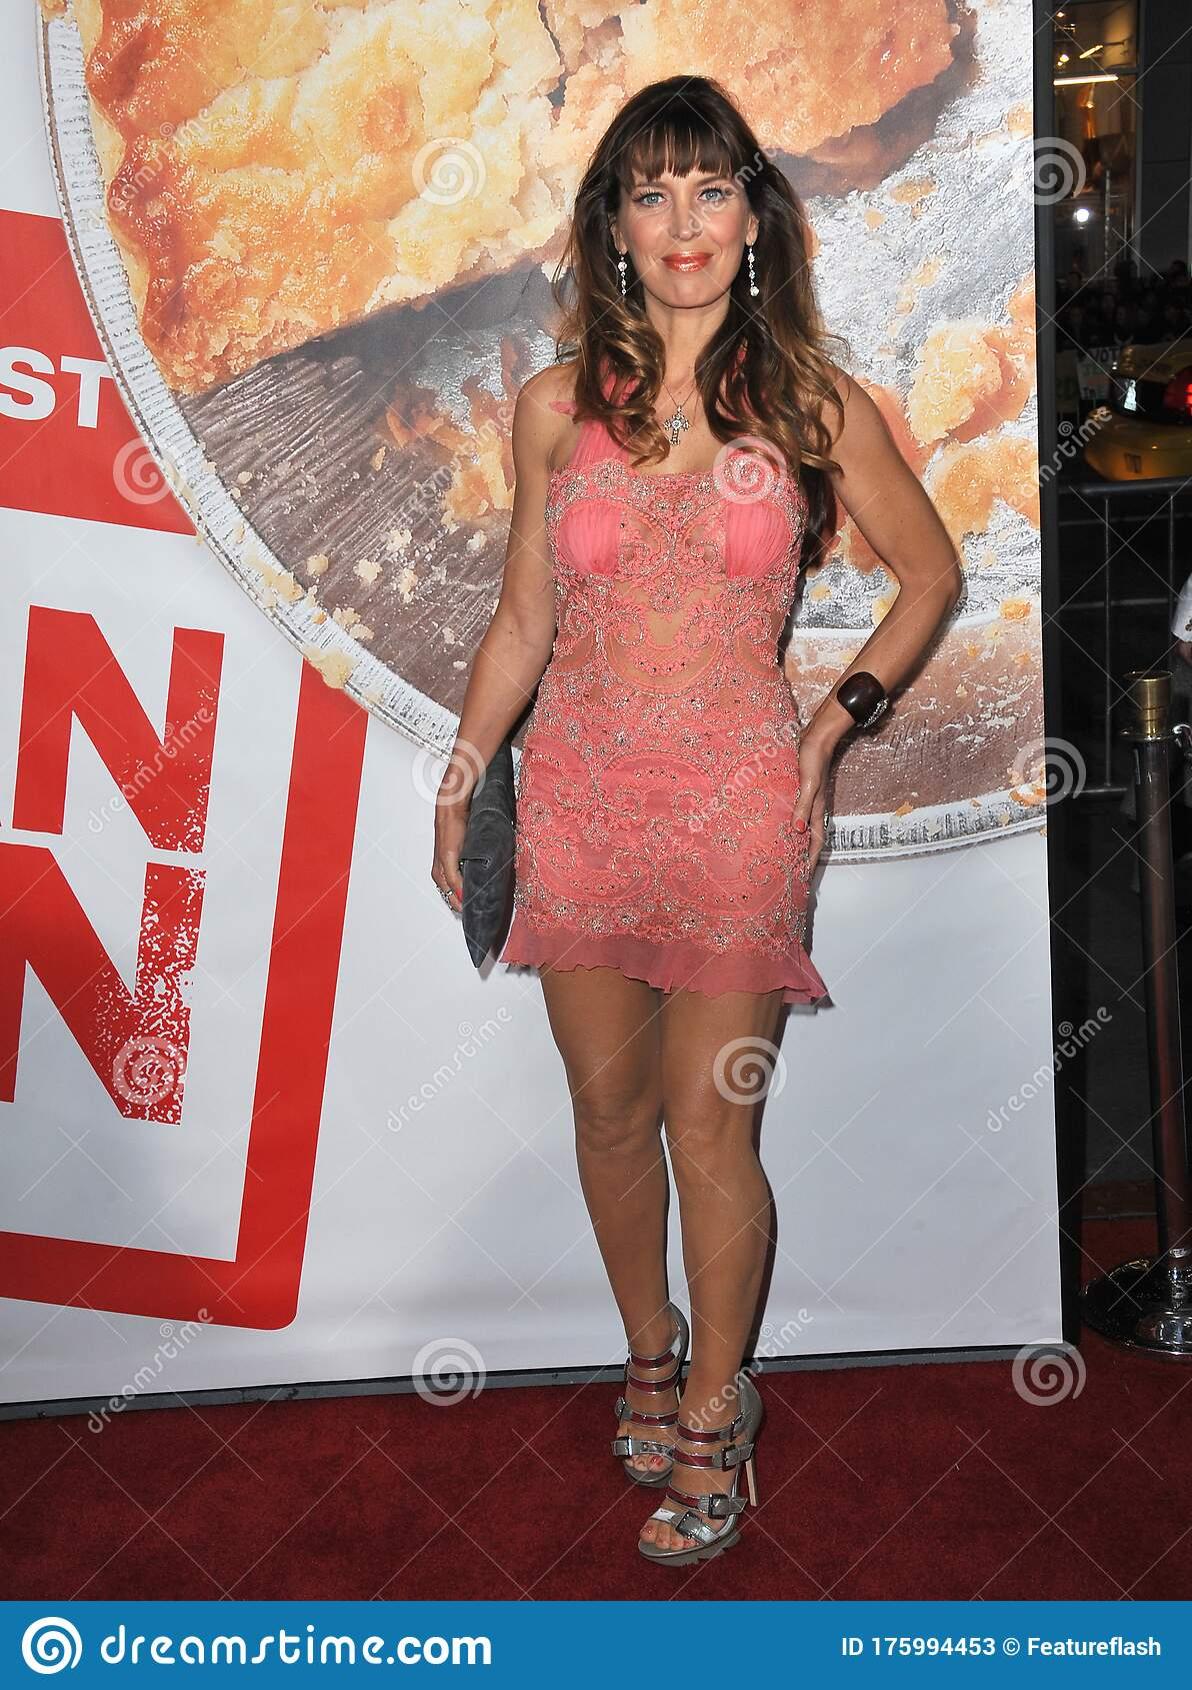 Vidal sandra Reality star